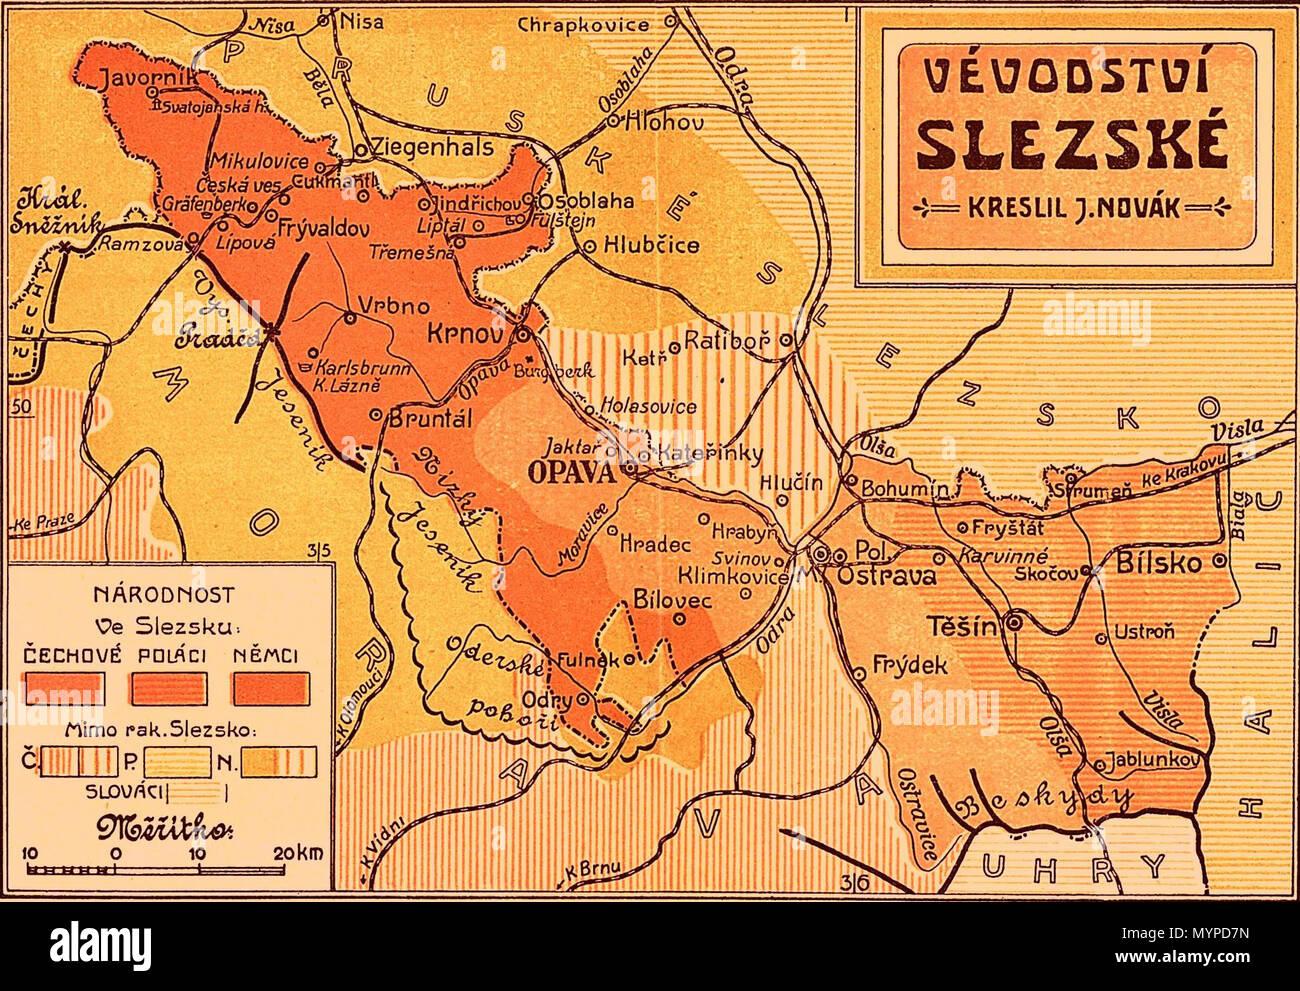 Polen Schlesien Karte.Karte Der österreichischen Herzogtum Schlesien Mit Vorherrschenden